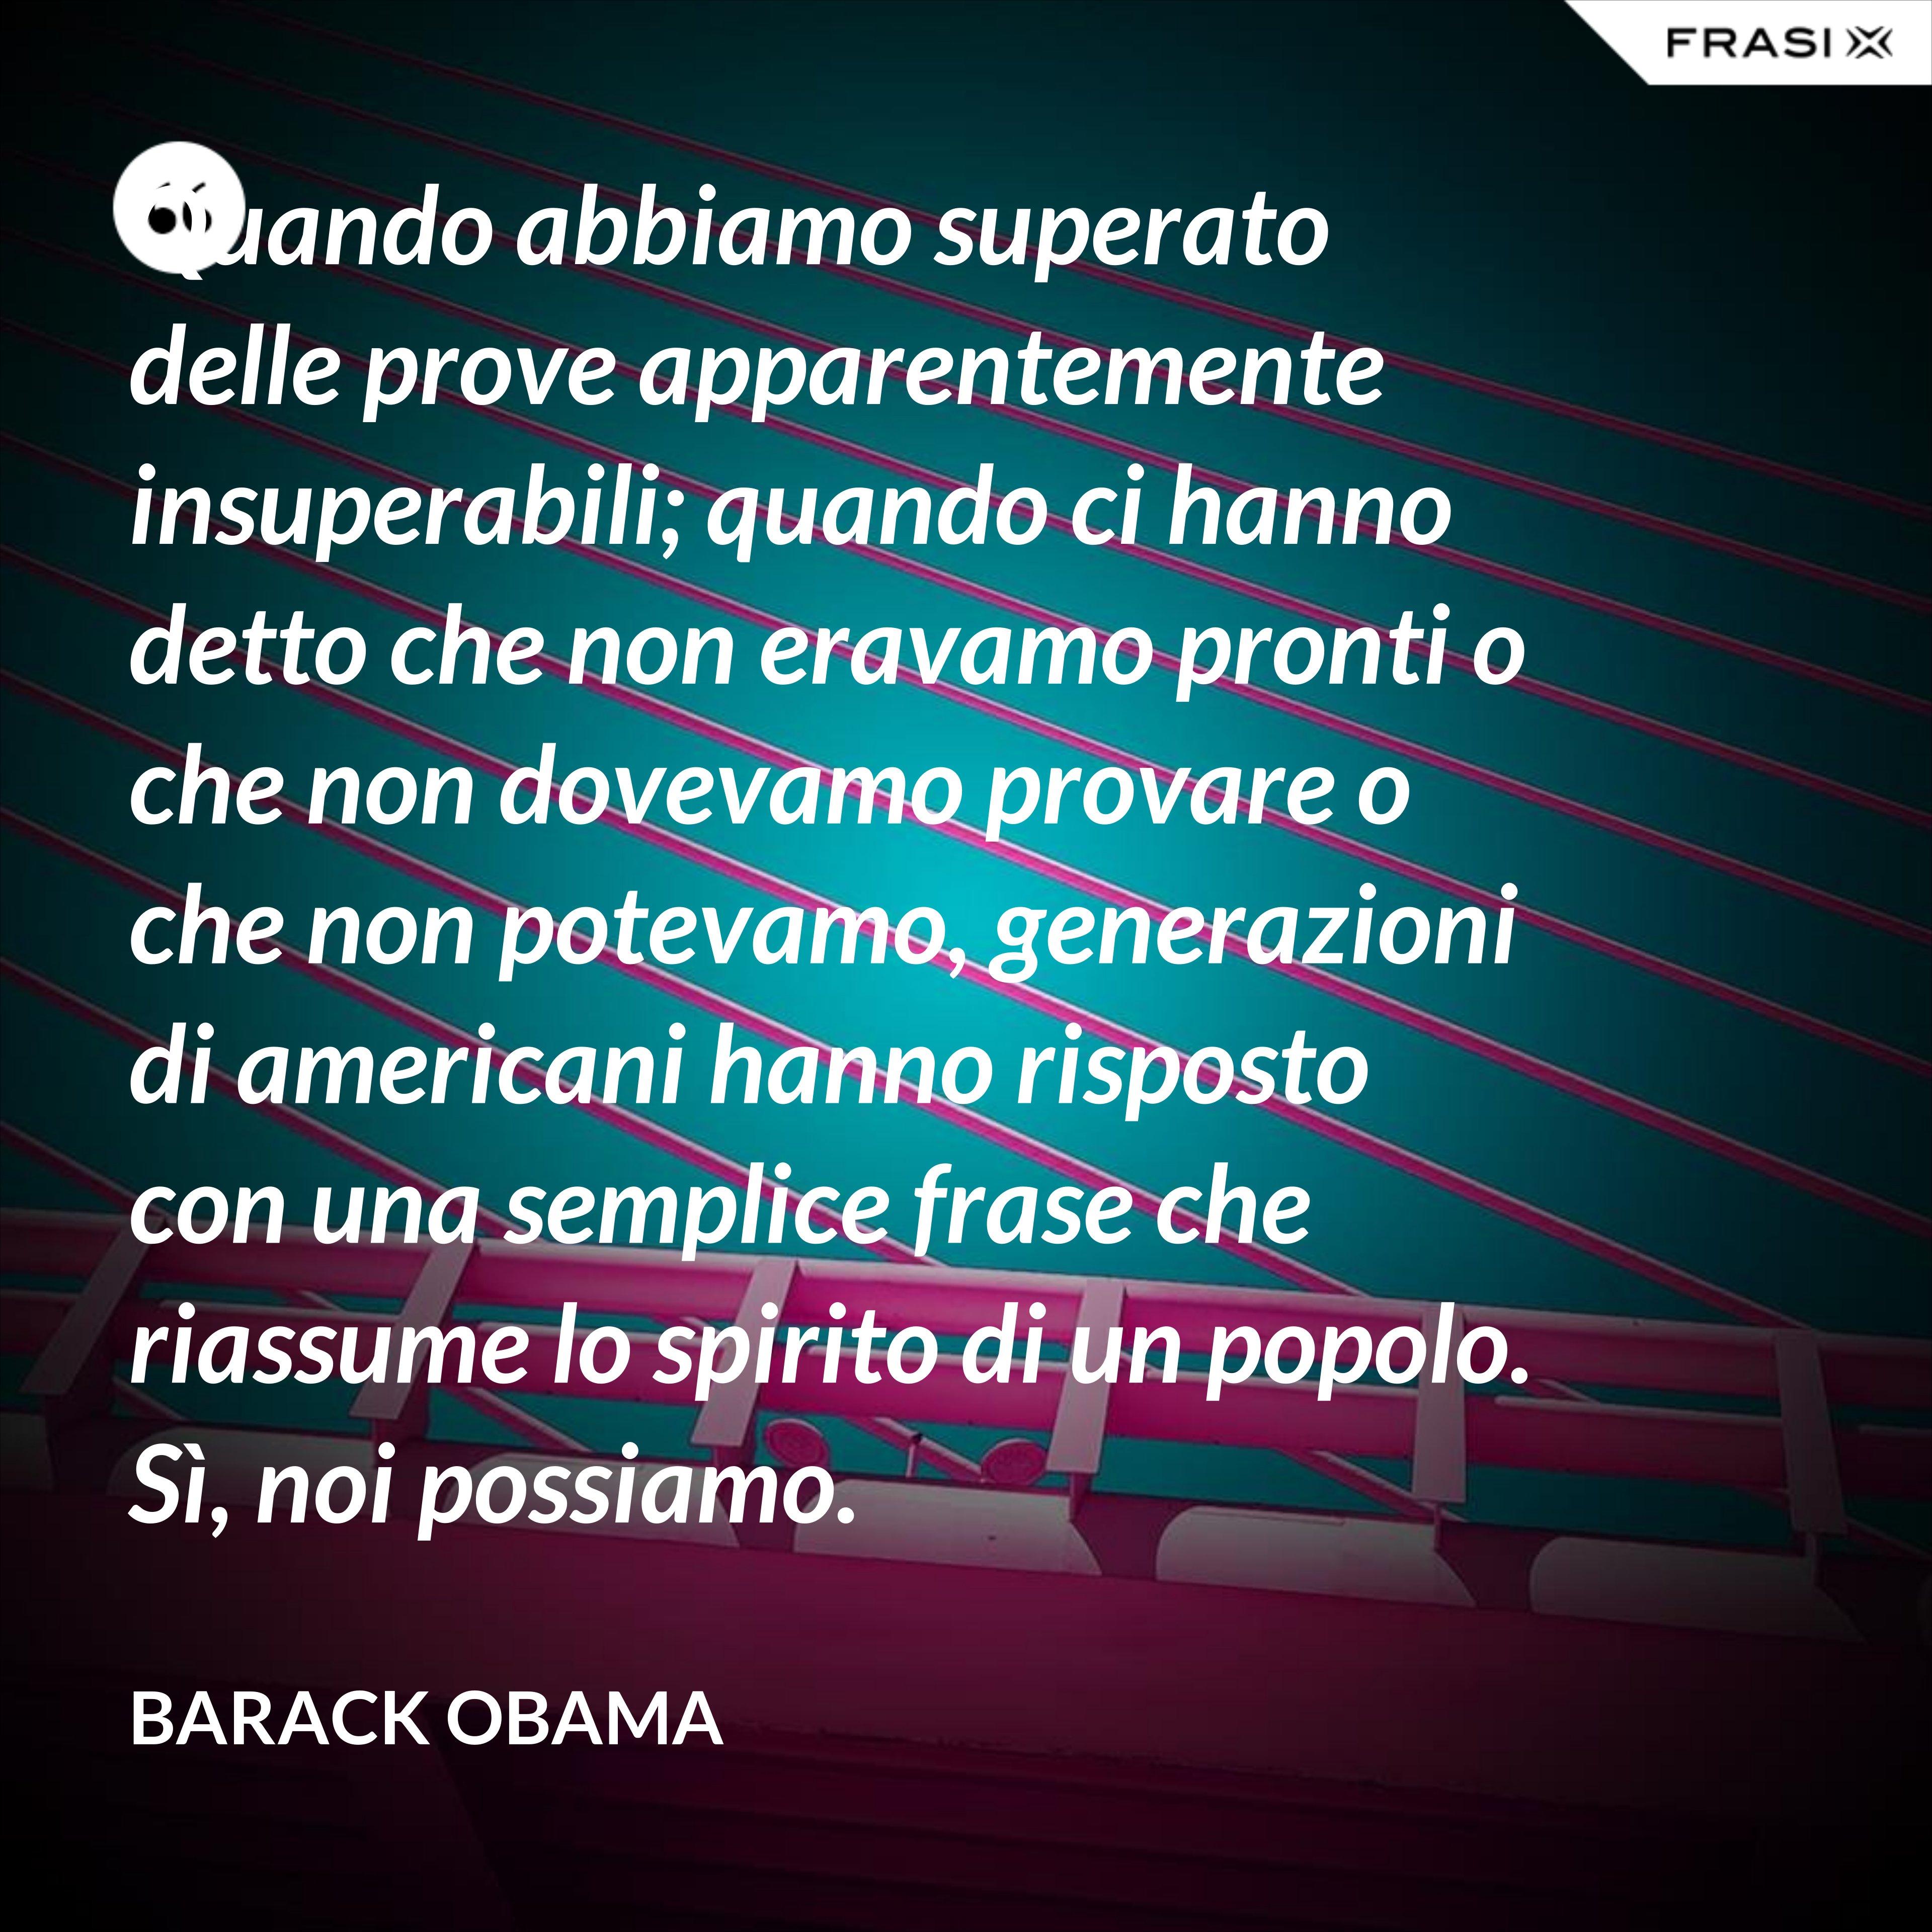 Quando abbiamo superato delle prove apparentemente insuperabili; quando ci hanno detto che non eravamo pronti o che non dovevamo provare o che non potevamo, generazioni di americani hanno risposto con una semplice frase che riassume lo spirito di un popolo. Sì, noi possiamo. - Barack Obama